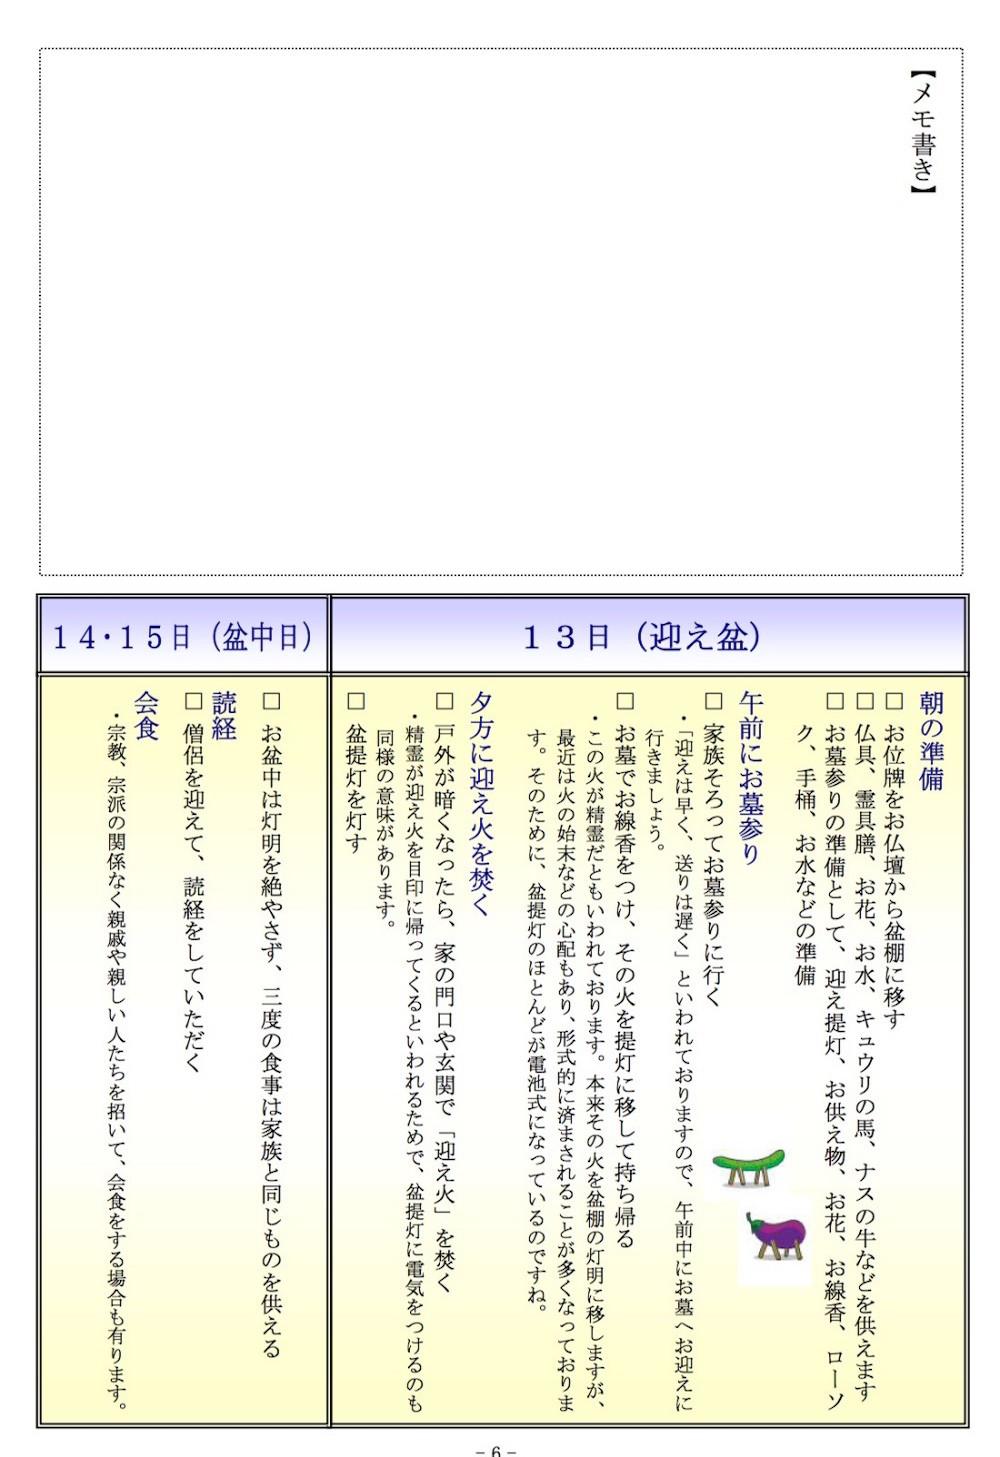 お盆の準備と行事を解説した小冊子の一部